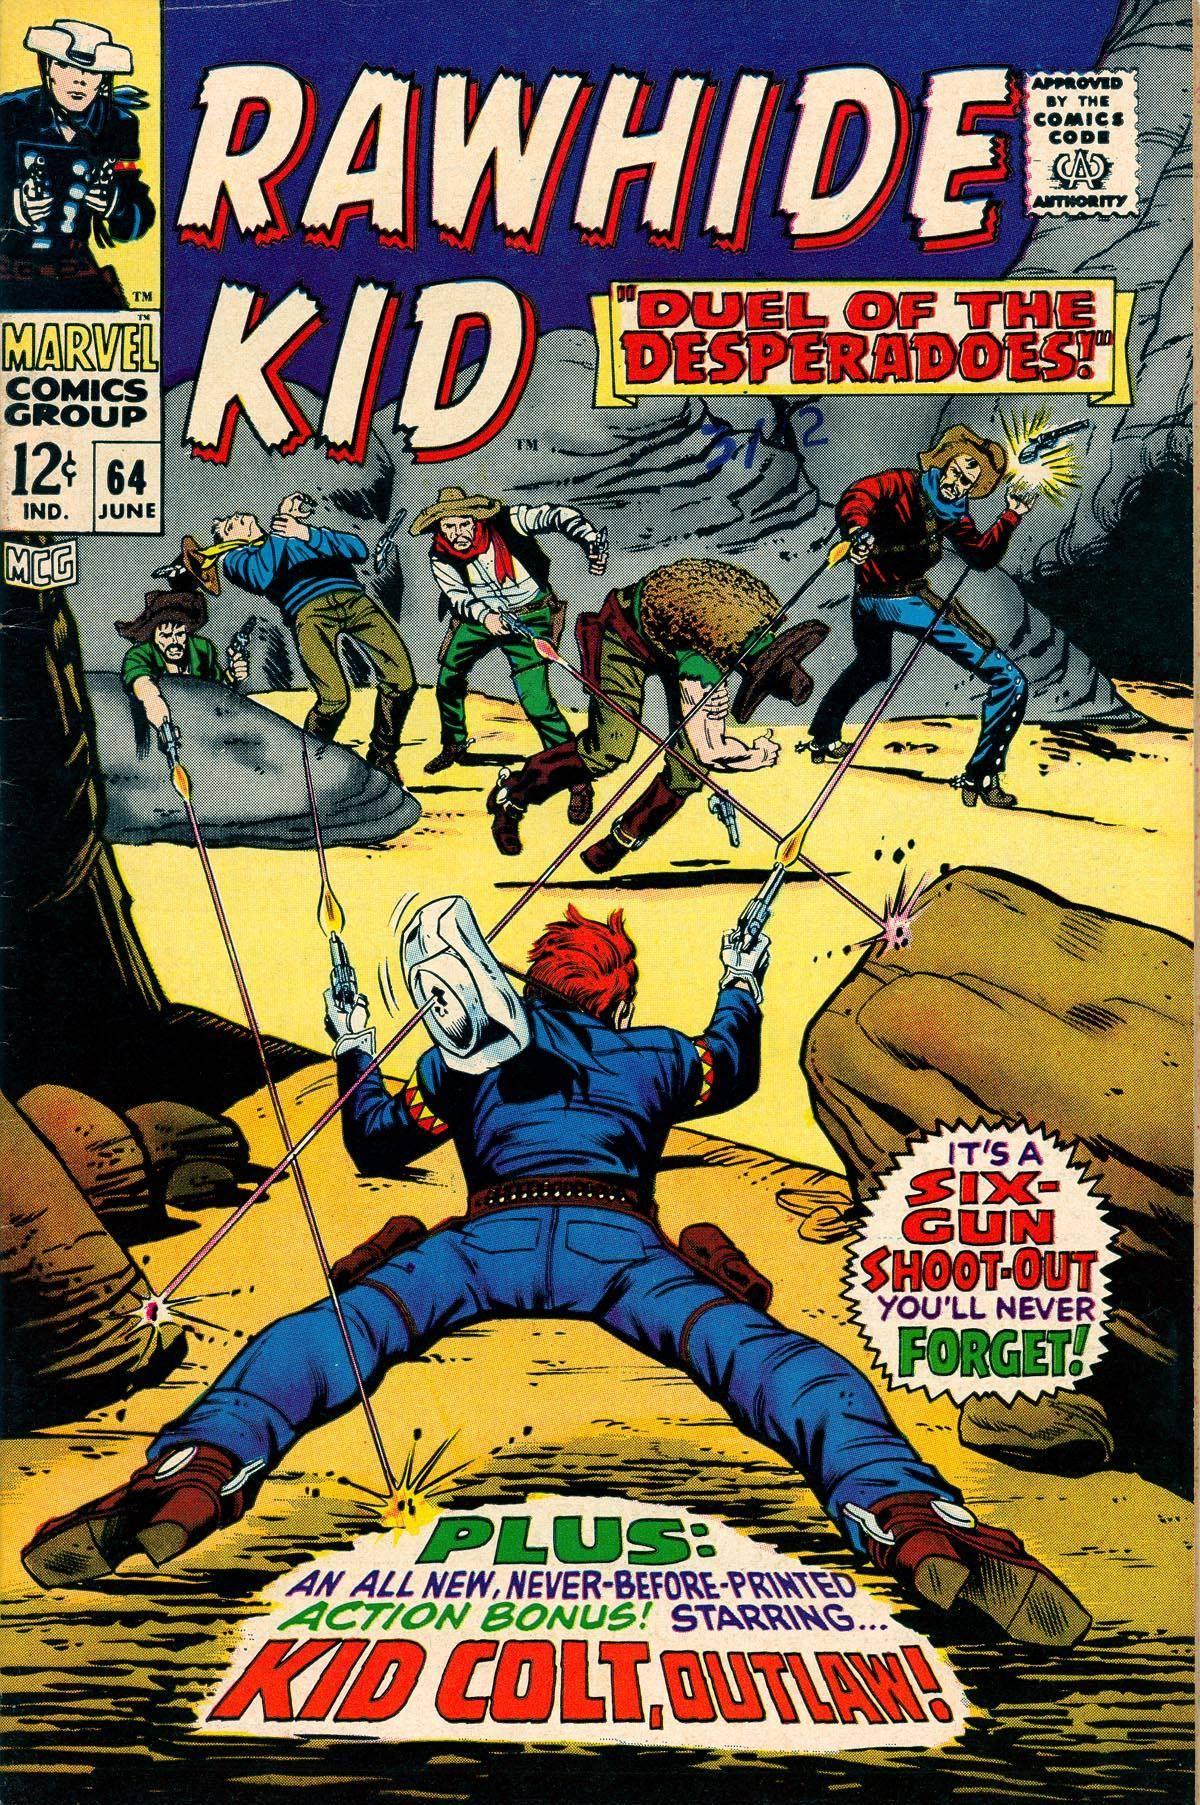 Rawhide Kid v1 064 1968